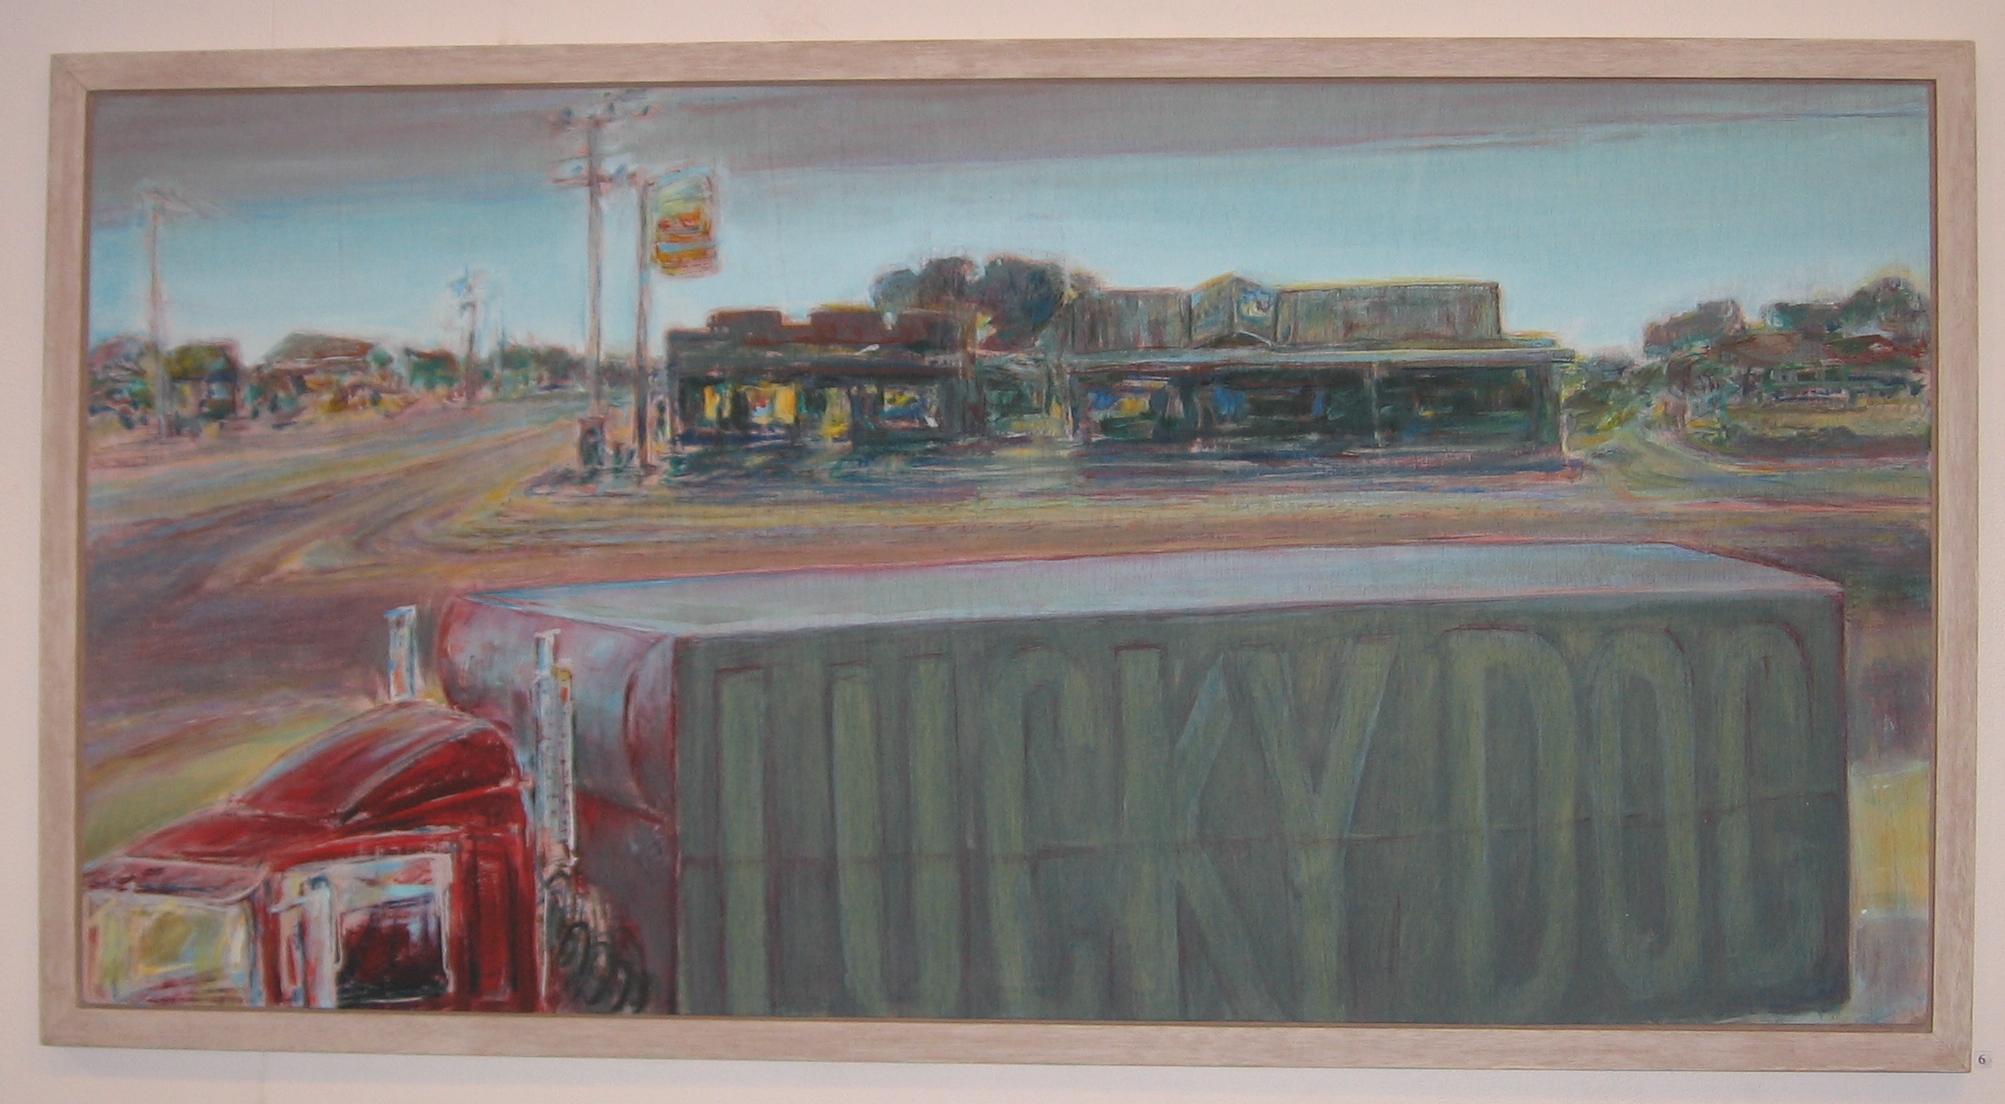 Lucky Dog, 1992-93, acrylic on plywood, 61 x 122 cm